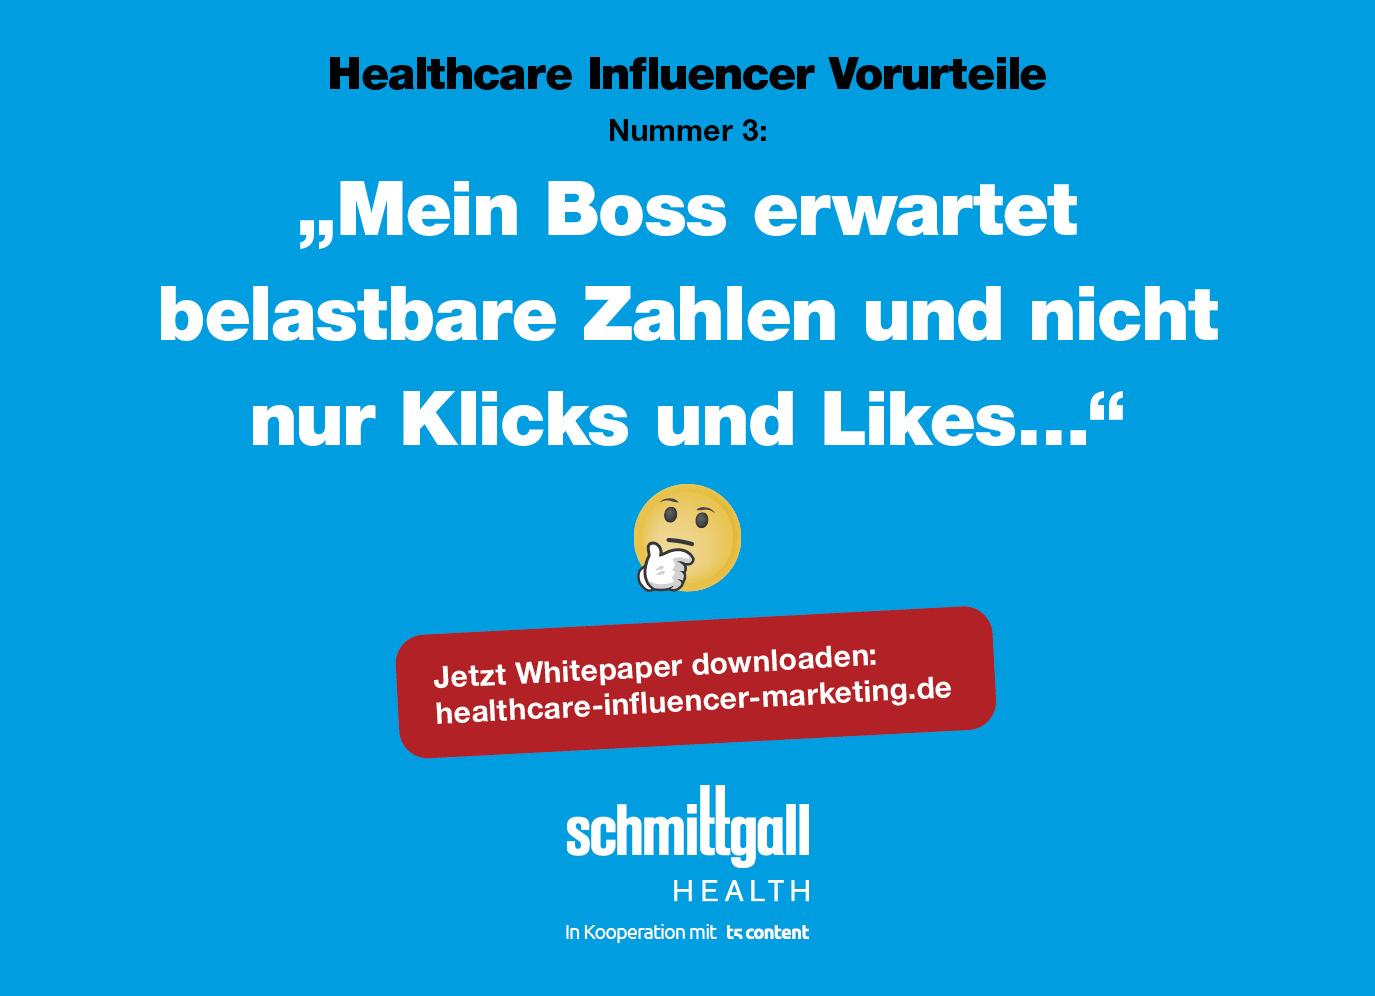 Influencer-Vorurteil-3-Boss-Klicks_likes